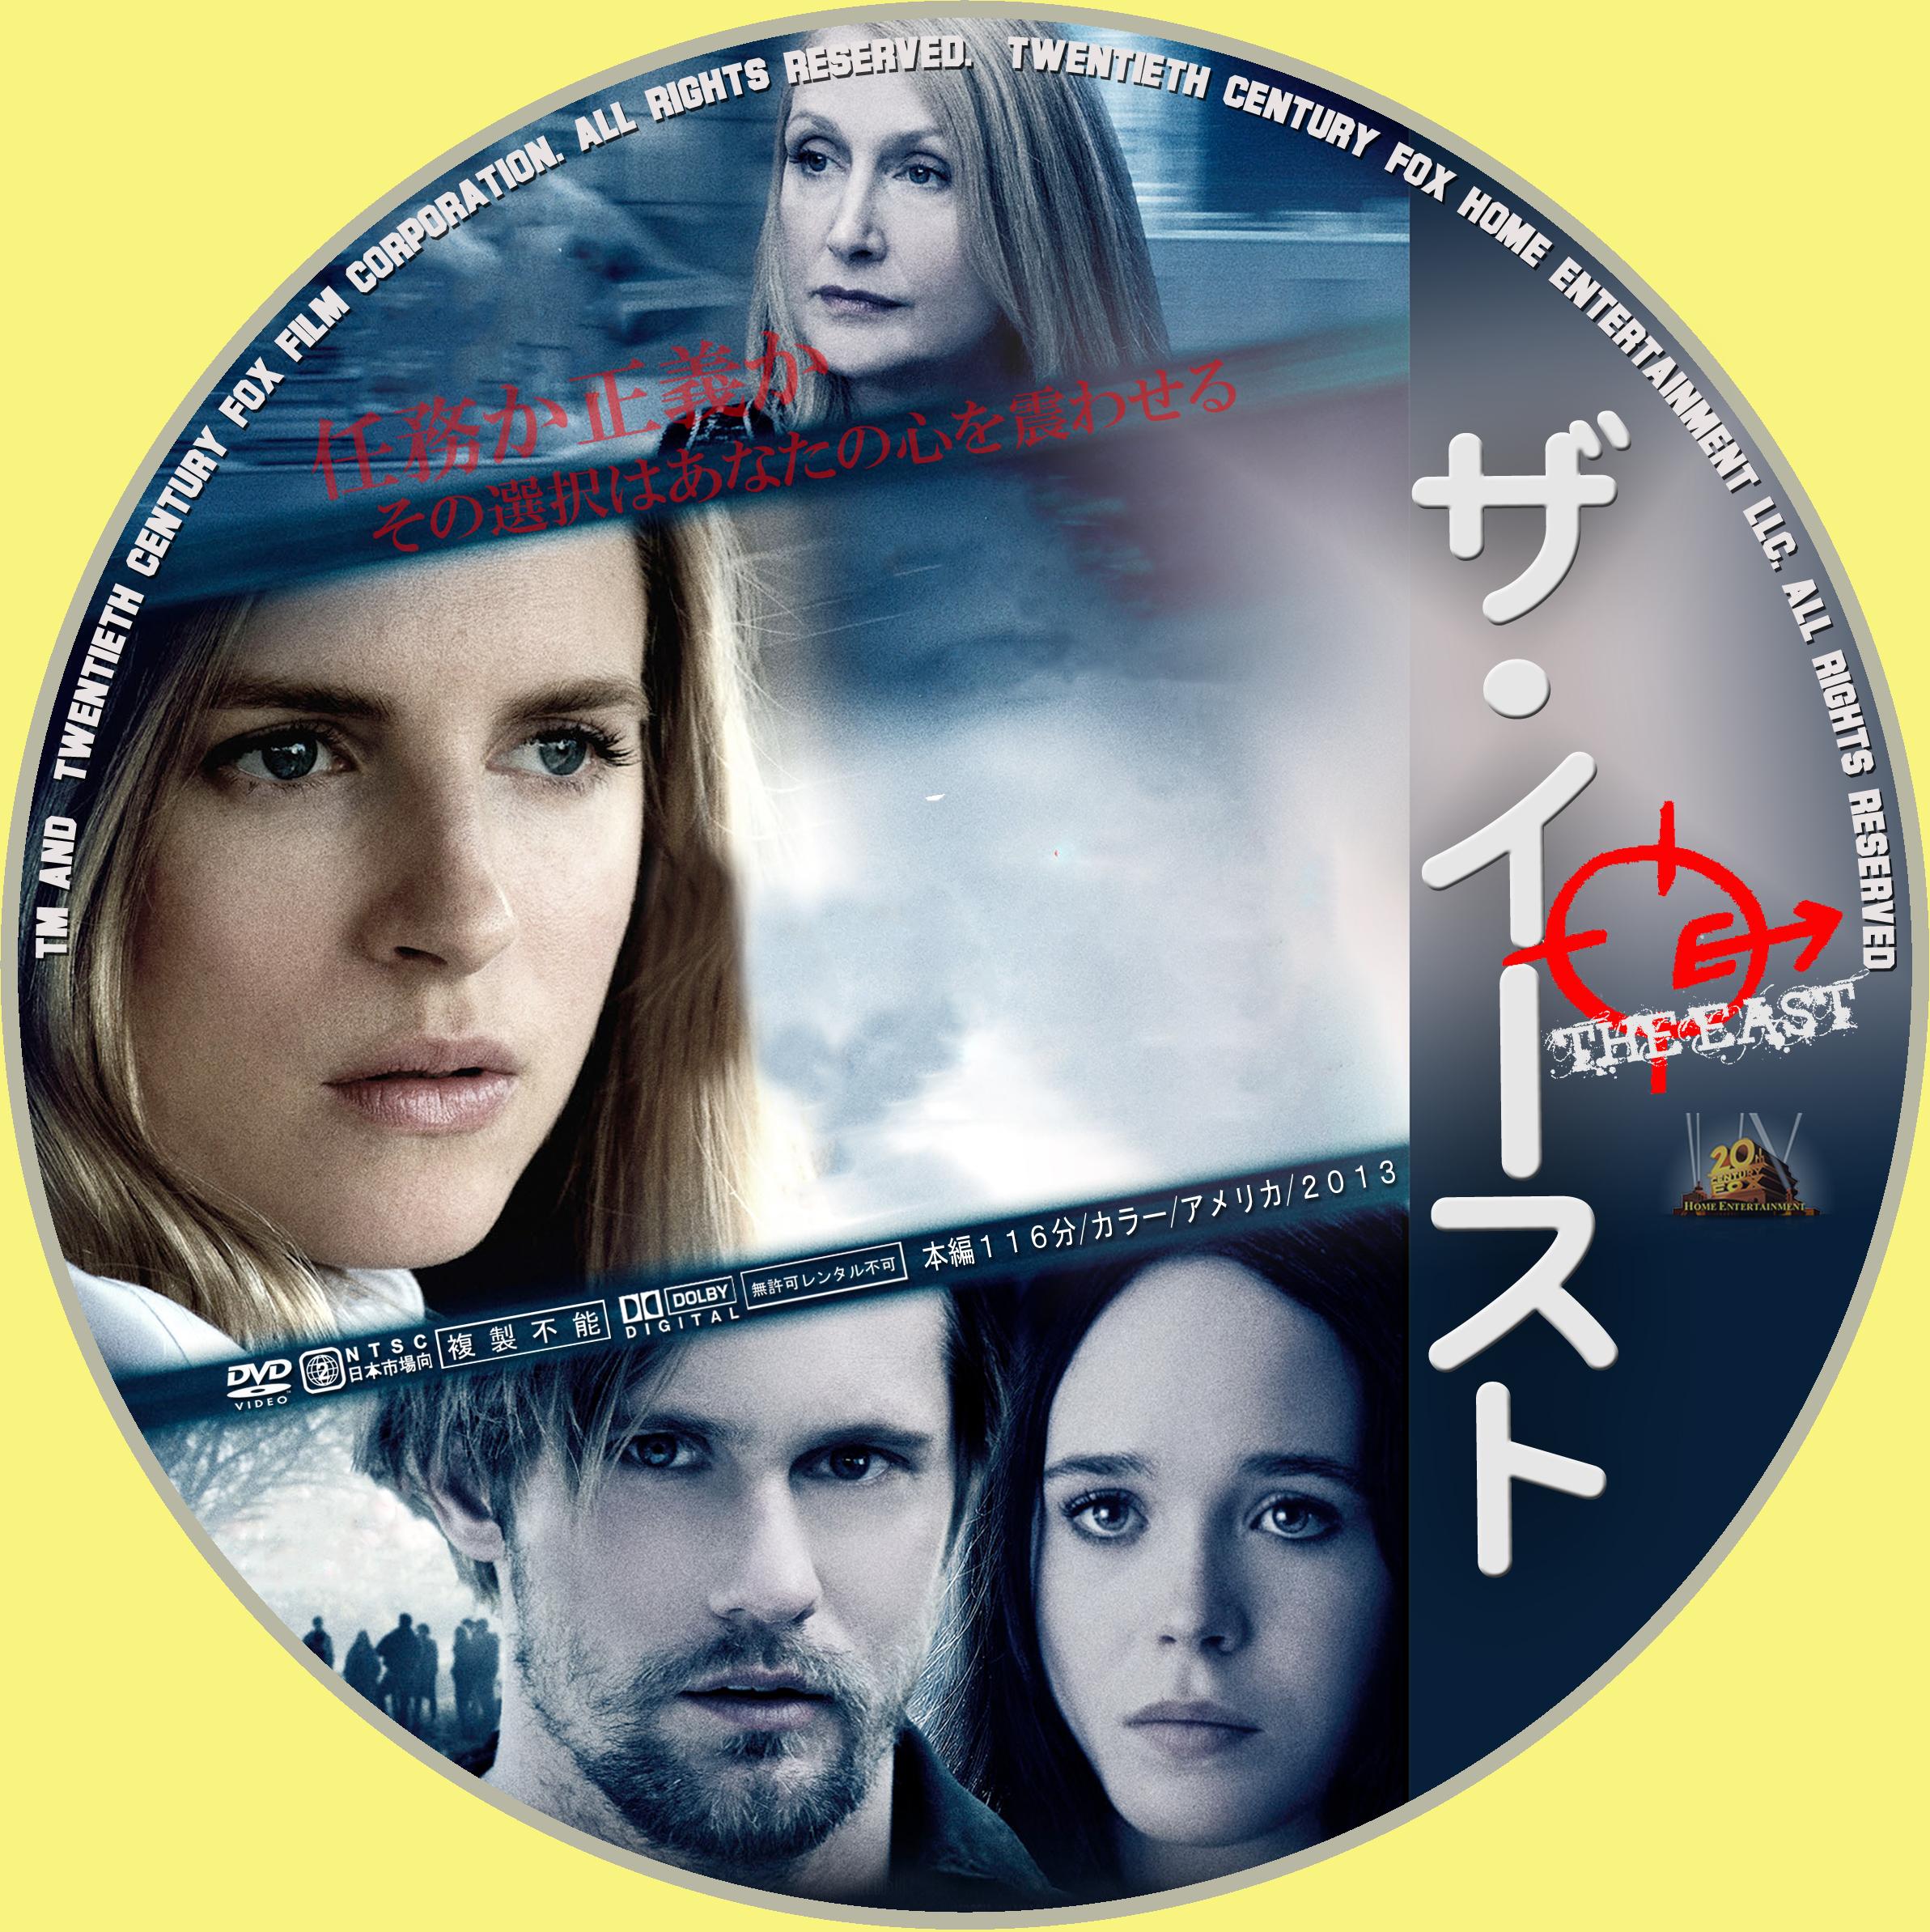 ザ・イースト - The East (film)...